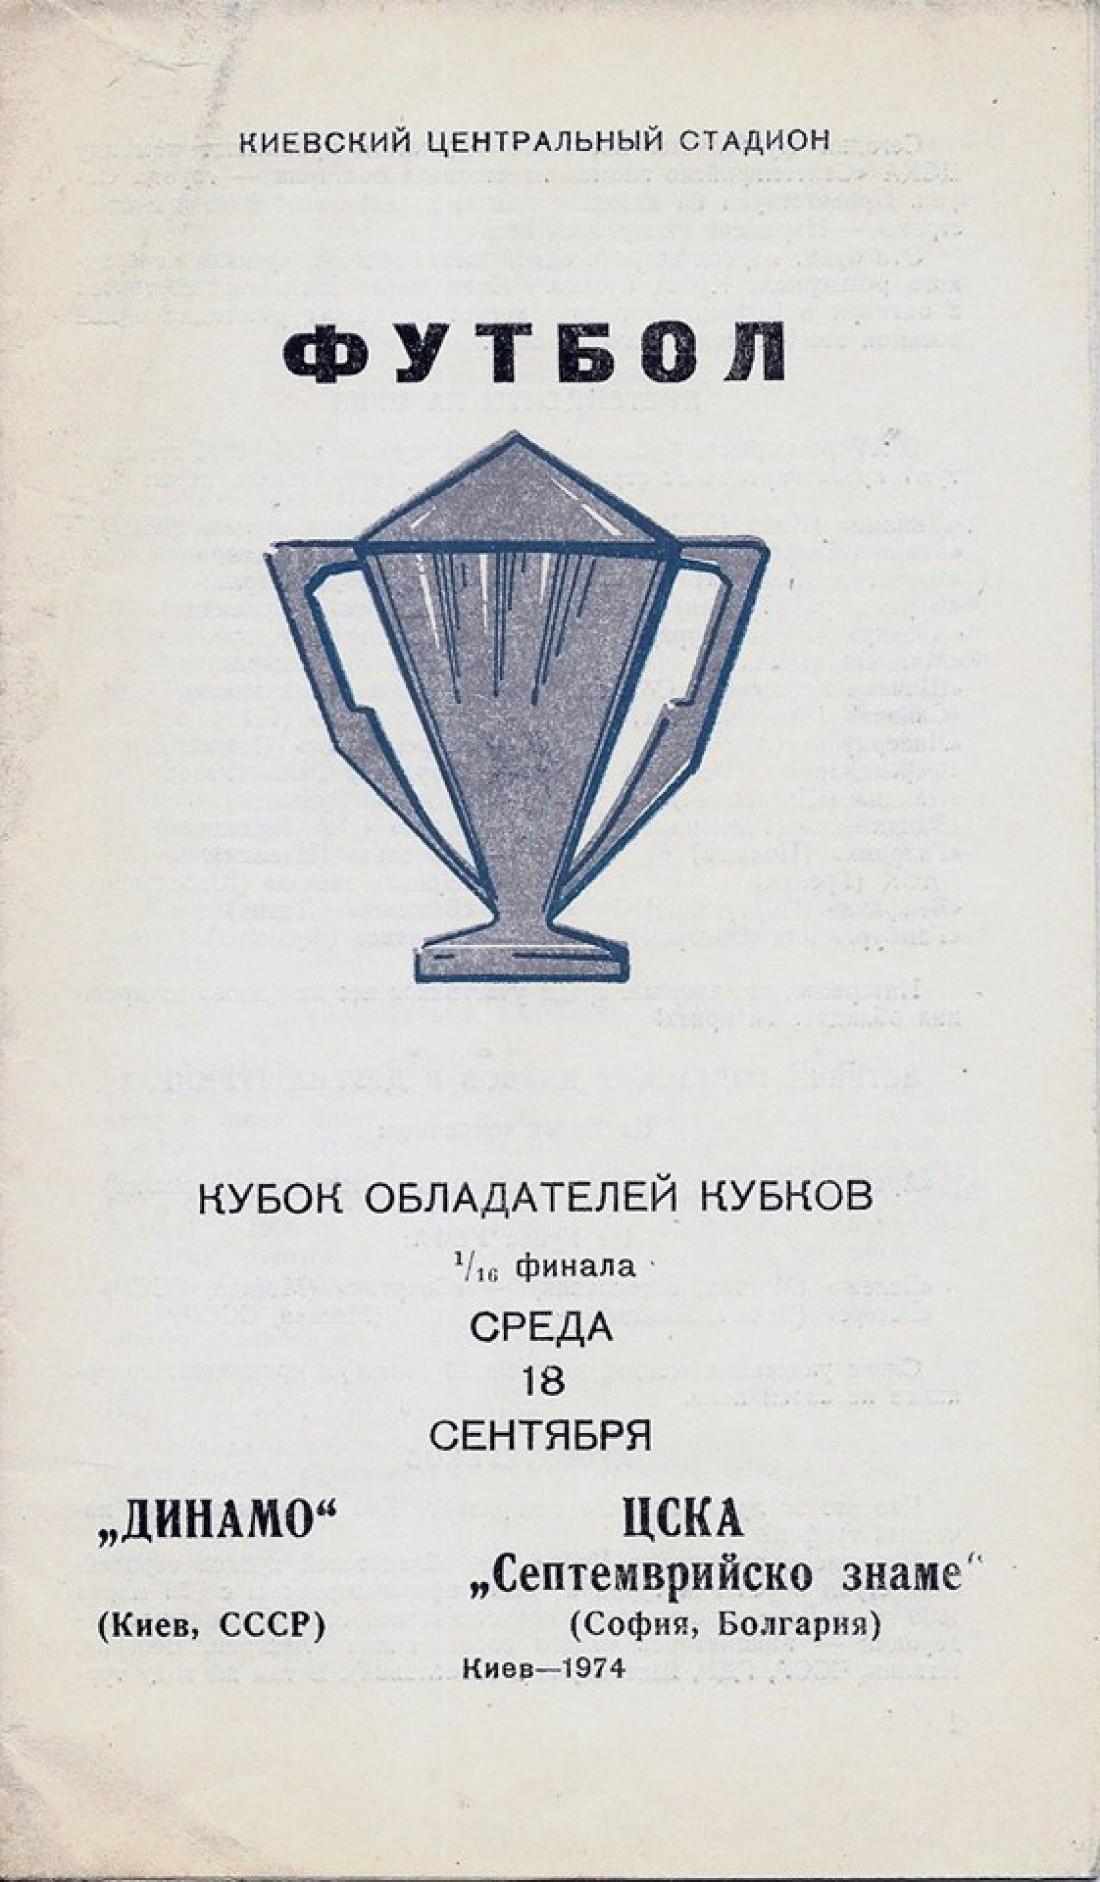 Афиша к матчу Кубка обладателей Кубков